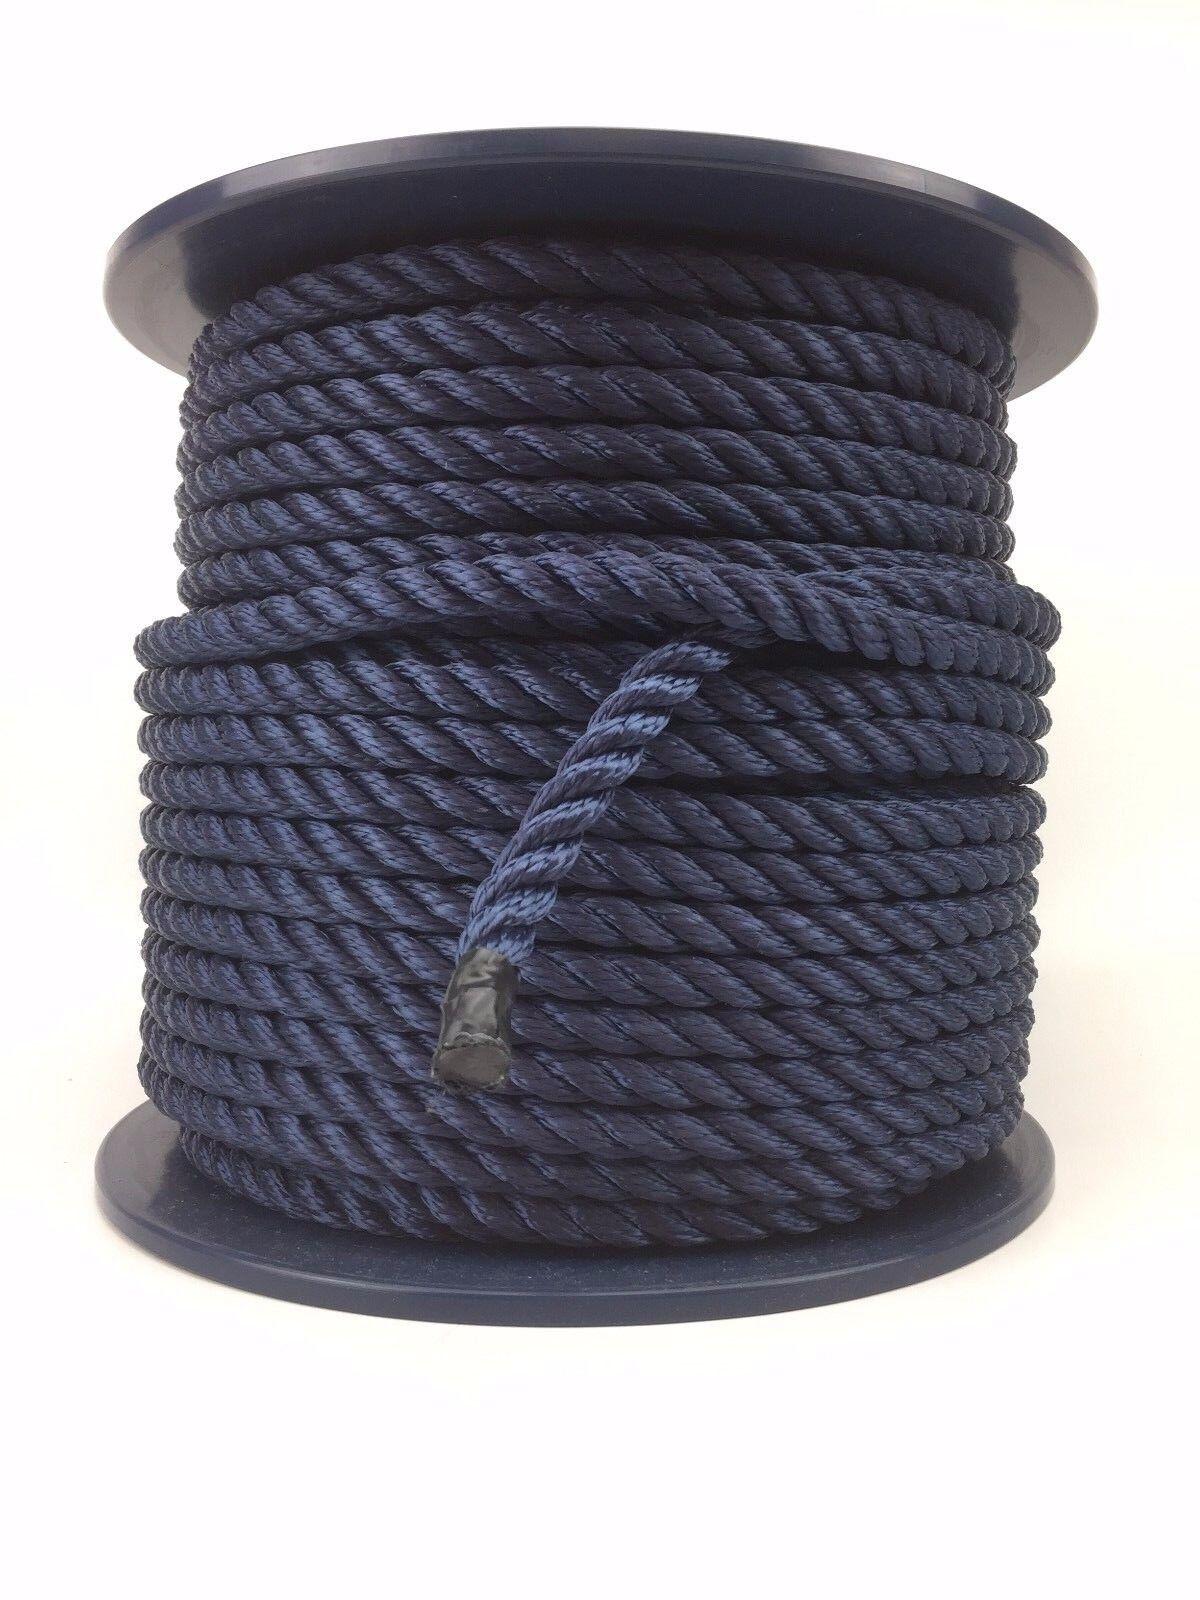 3 Stre blu navy multifilauominito 10mm GtuttiEGGIANTE CORDA x 220M MULINELLO